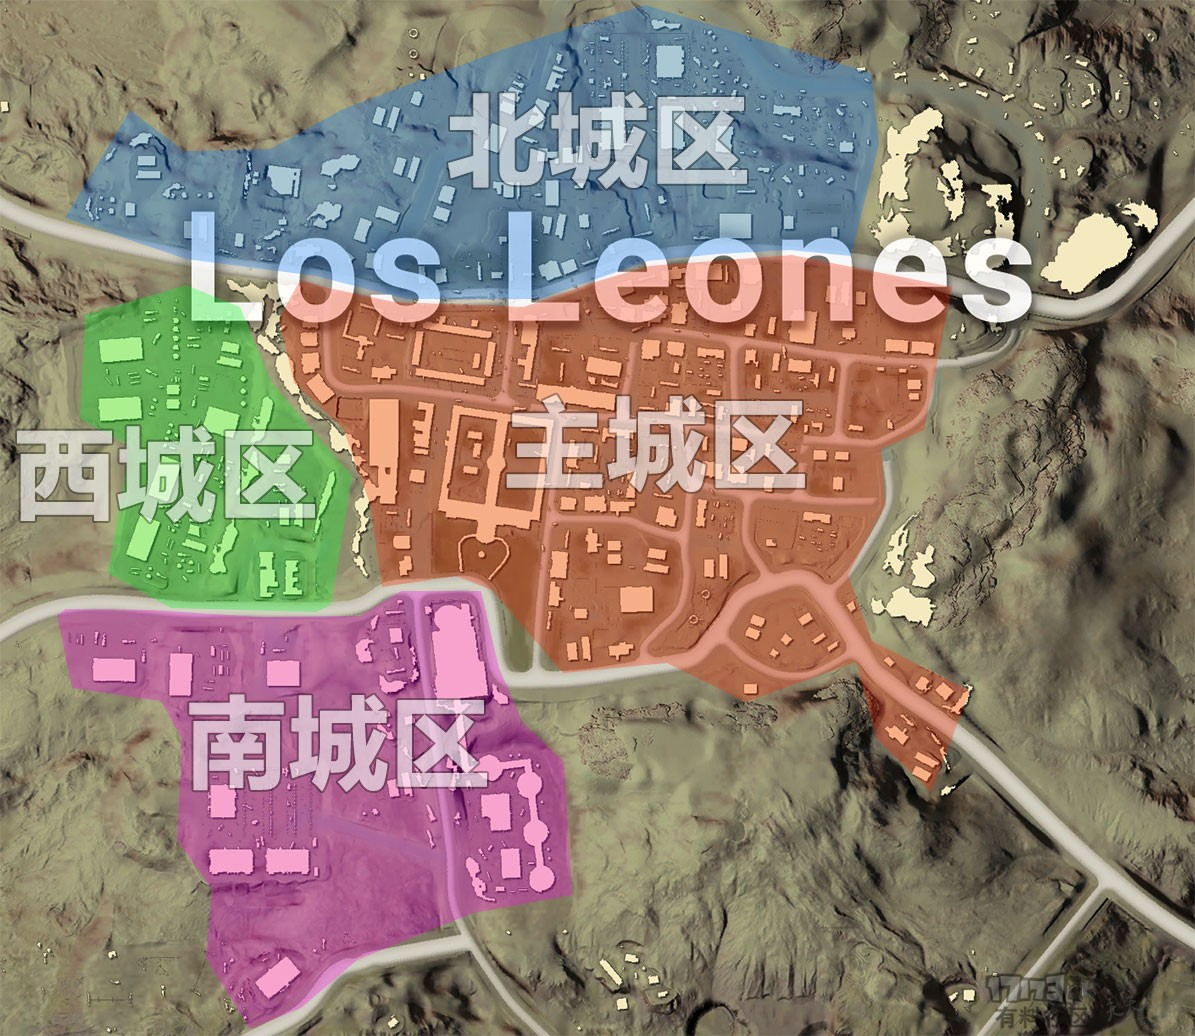 狮城城区划分.jpg